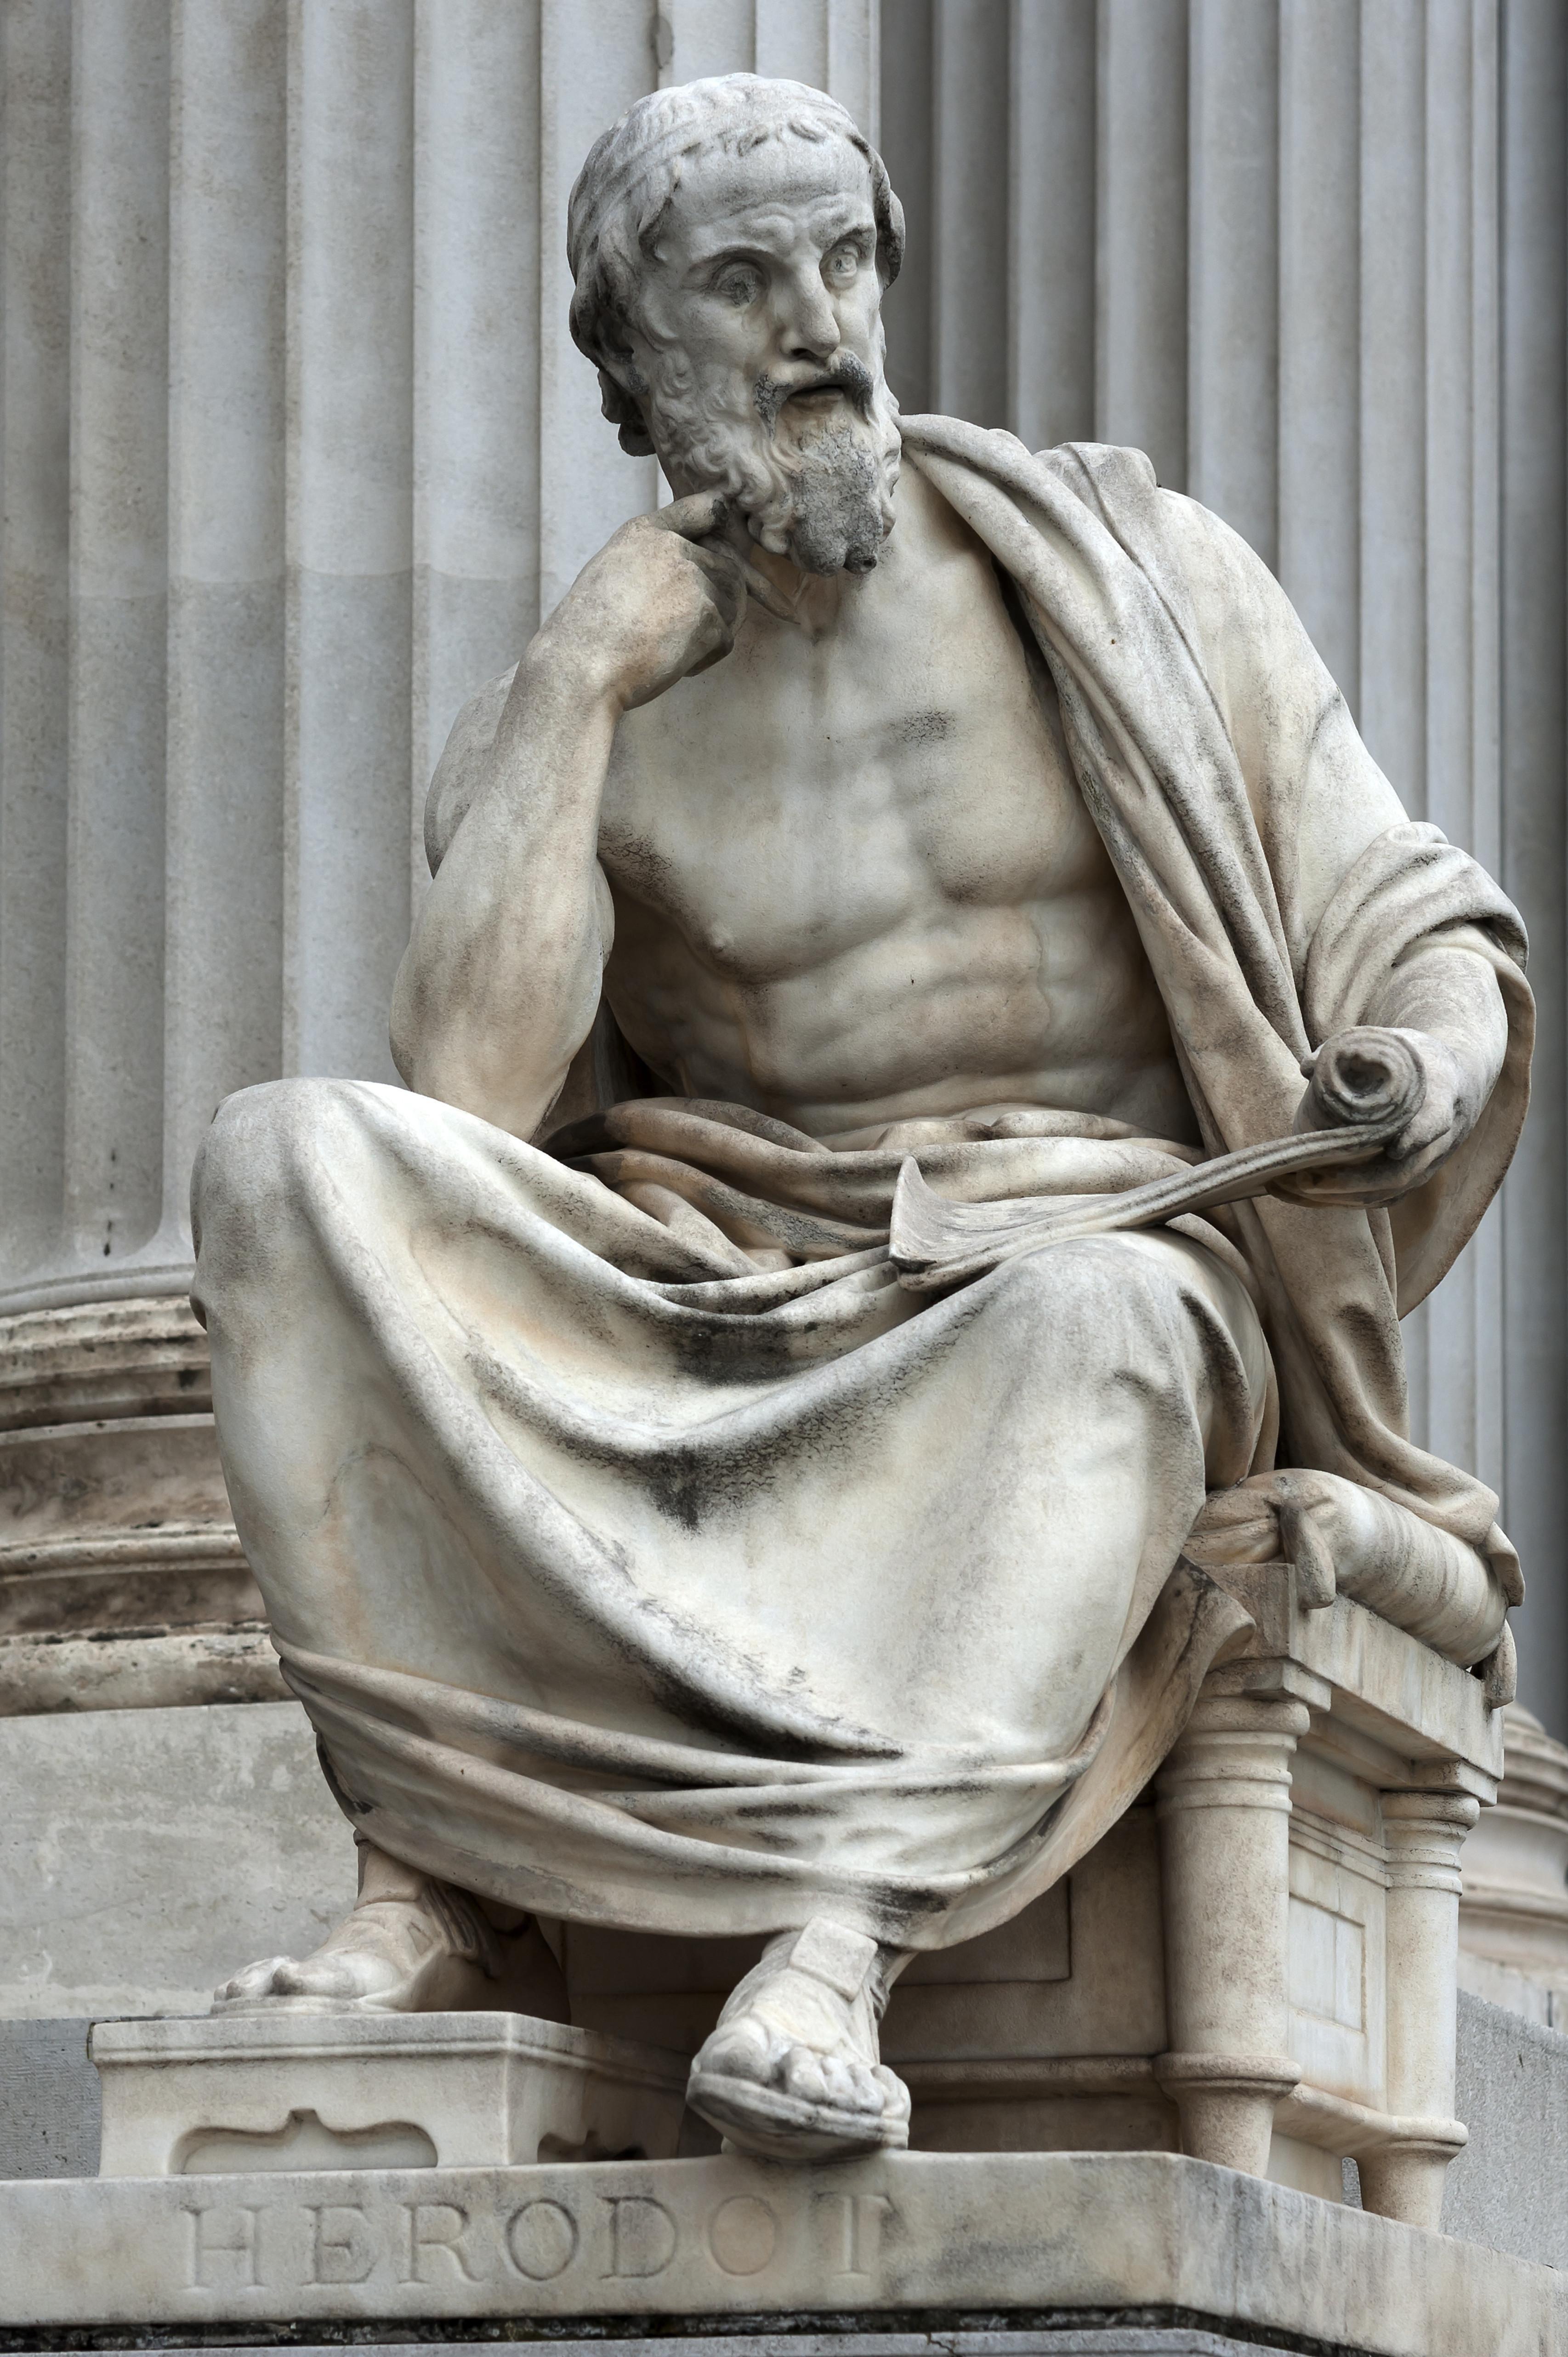 Ανακάλυψη αρχαίου πλοίου που είχε περιγράψει ο Ηρόδοτος πριν περίπου 2.500